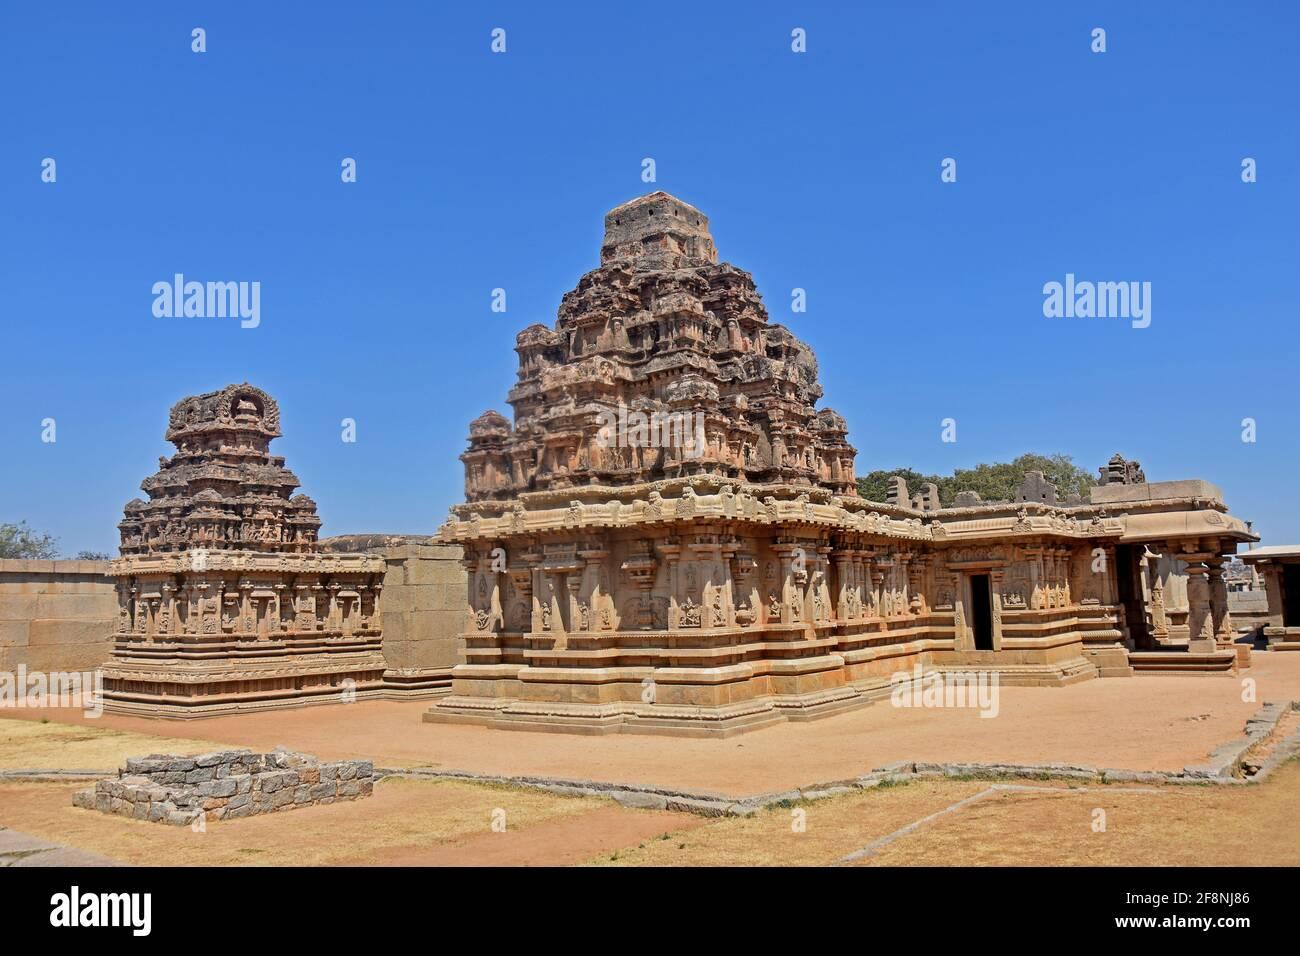 Hazara Rama Templo mong las ruinas de Hampi del siglo 14th Imperio Vijayanagara en Hampi, Karnataka, India Patrimonio de la Humanidad de la Unesco Foto de stock